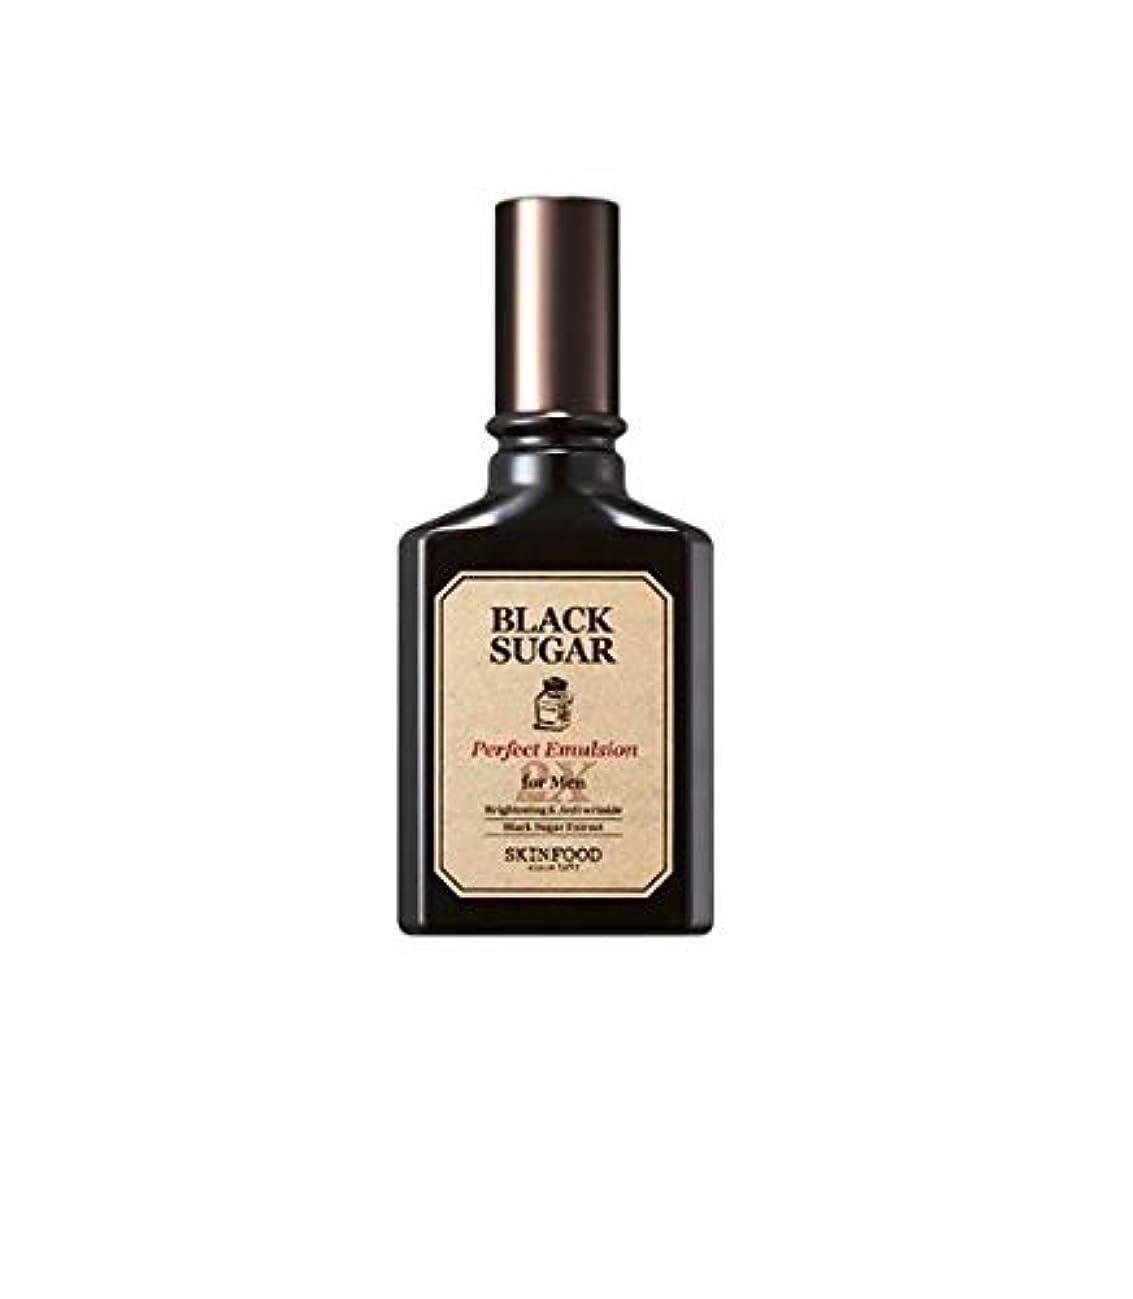 柔らかさ散るバーマドSkinfood 男性用ブラックシュガーパーフェクトエマルジョン2X / Black Sugar Perfect Emulsion 2X for Men 150ml [並行輸入品]